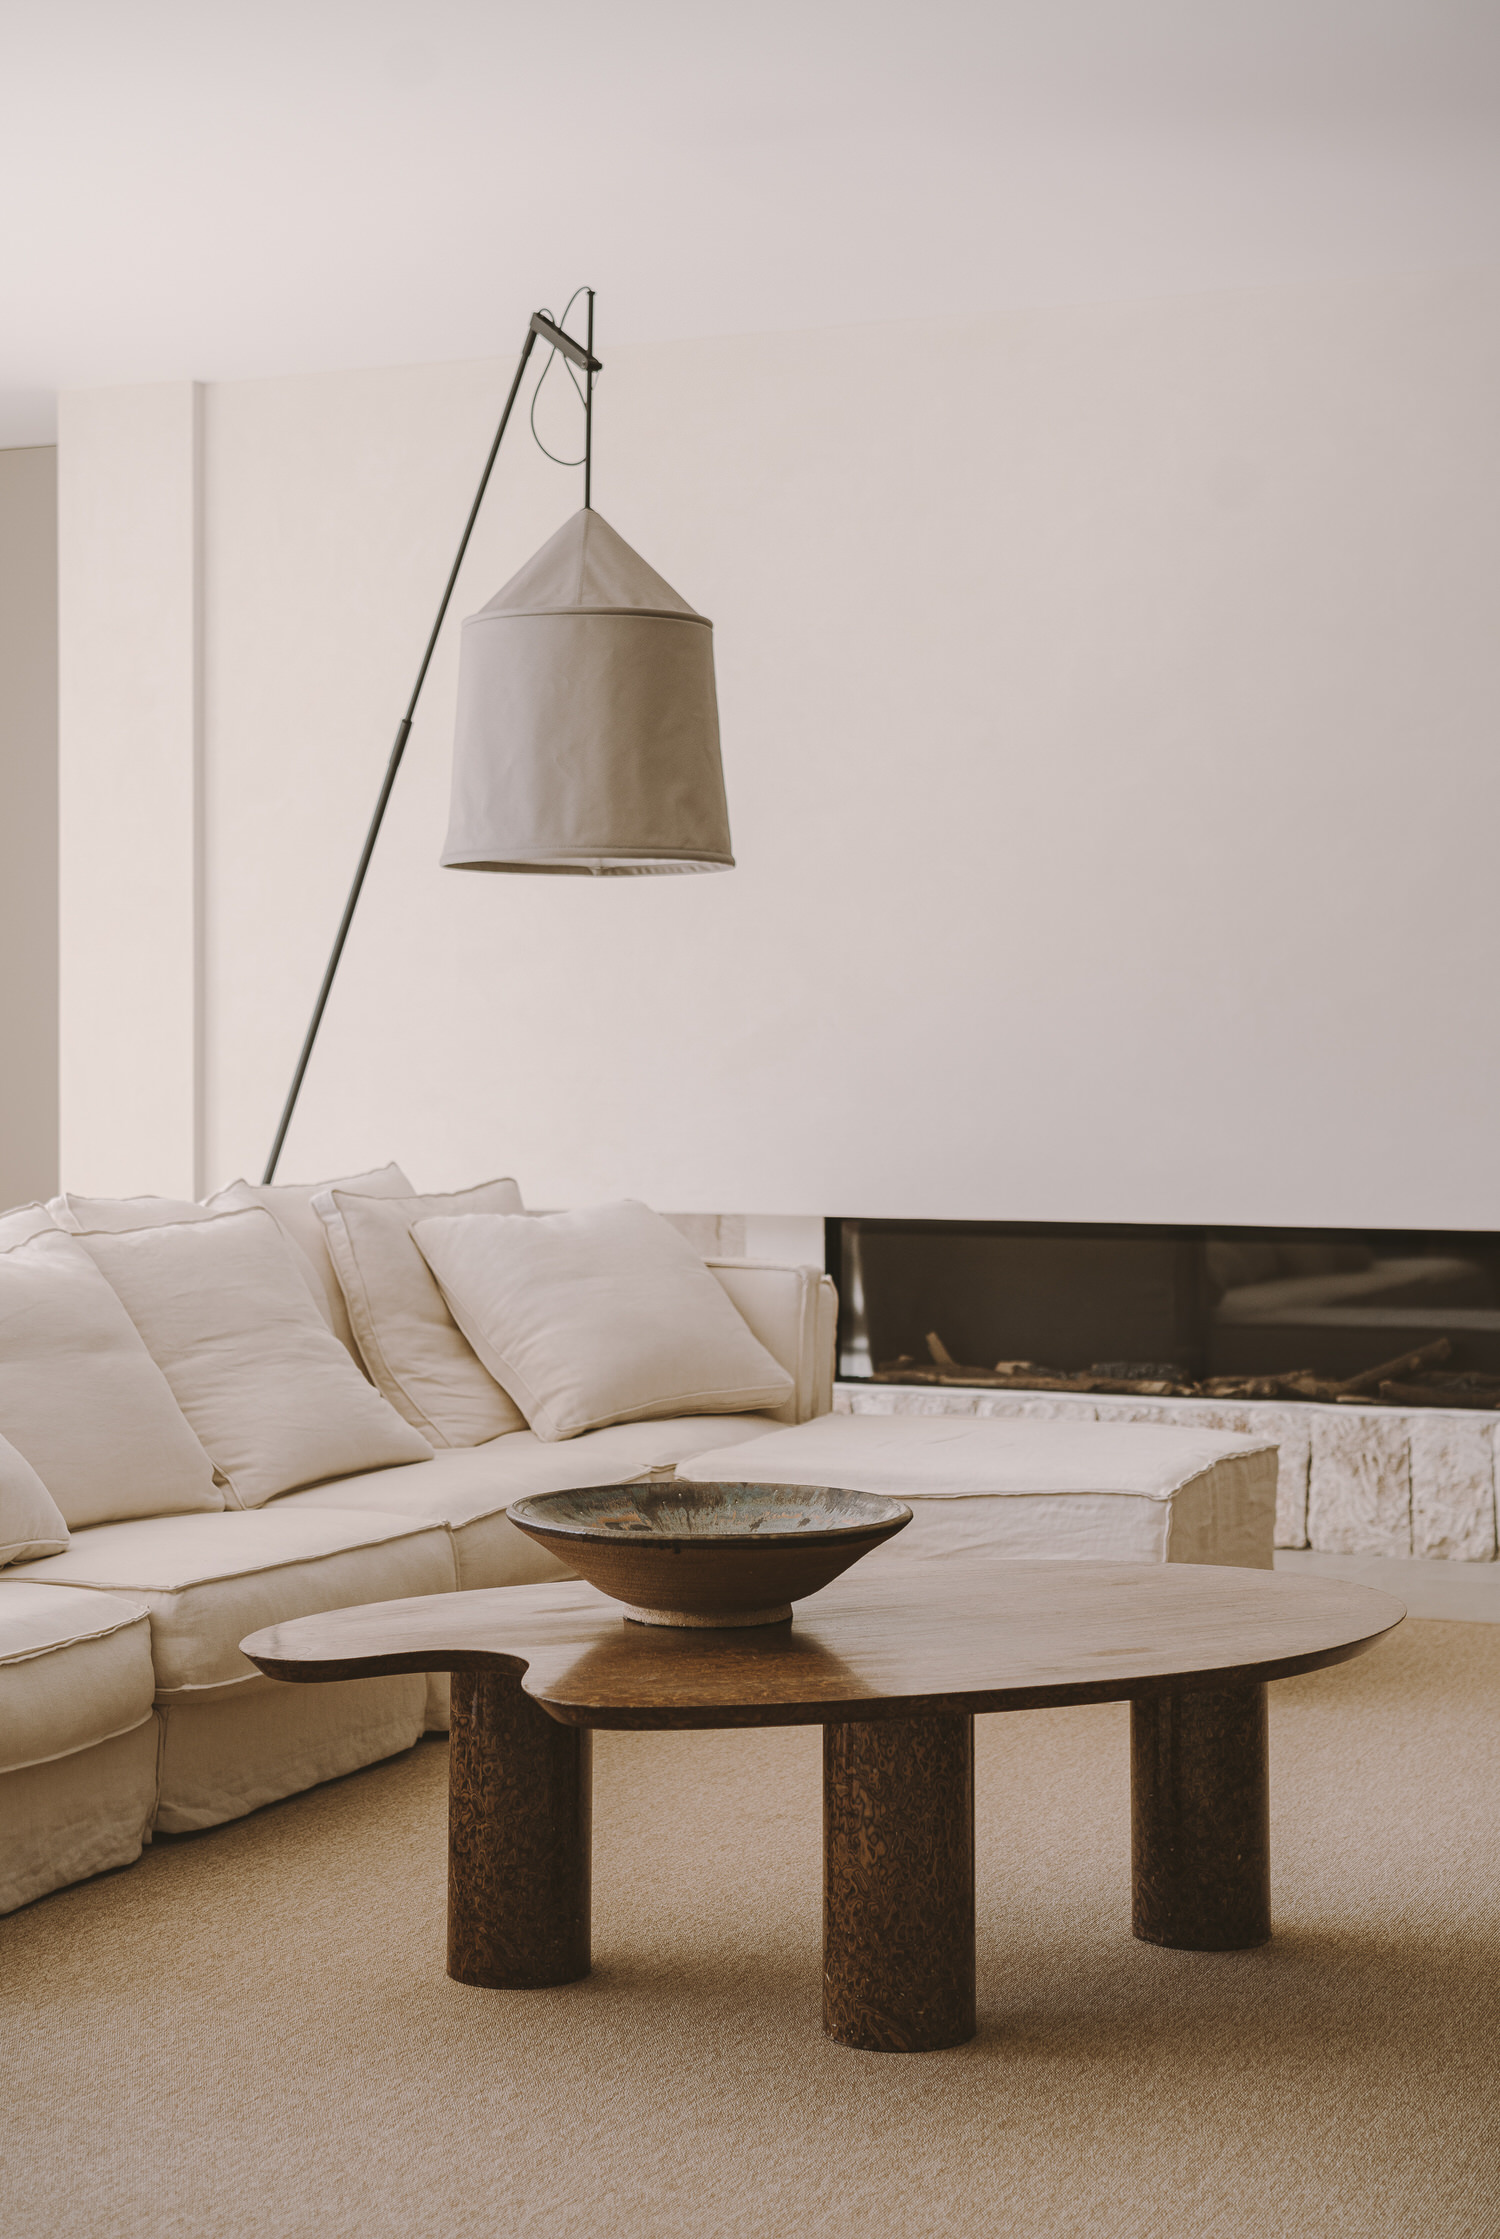 Paradowski Studio Pdm House Majorca Photo Pion Studio Yellowtrace 25